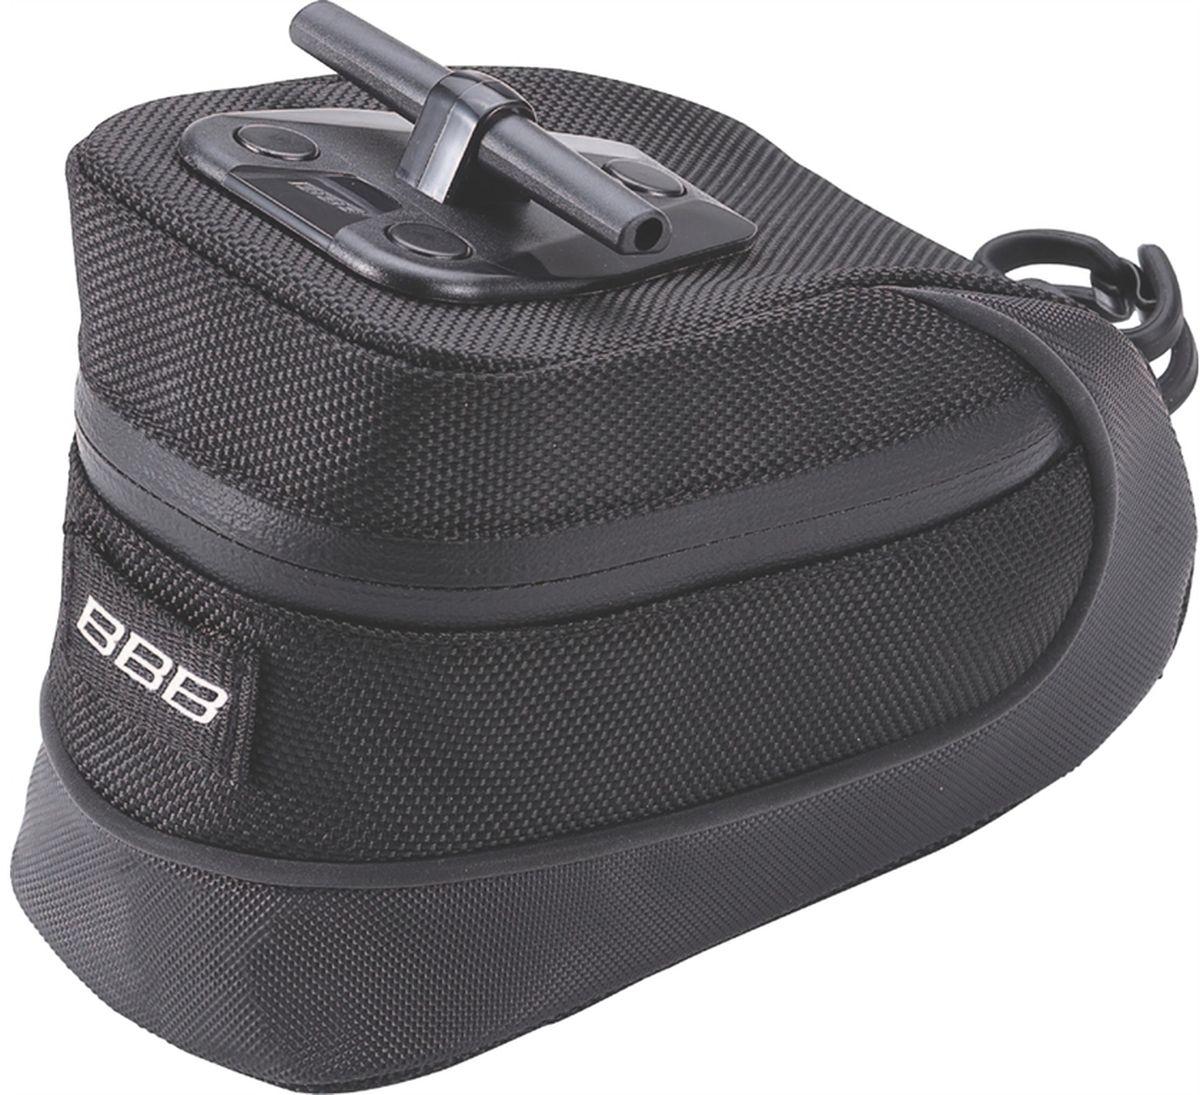 Велосумка под седло BBB StorePack, цвет: черный. Размер MBSB-12MВ сумке BBB StorePack применяются лучшие материалы и новейшие технологии. Синяя подкладка обеспечивает лучшую видимость содержимого. Эластичный ремешок и карман для простоты организации содержимого вашей сумочки. Водонепроницаемая молния с фиксатором дает дополнительную безопасность и абсолютно бесшумна при езде. Крепление для заднего габарита-LED фонарика. Черная светоотражающая полоска помогает лучше видеть вас на дороге. Т-образная система крепления для быстрой установки и снятия. Резиновый ремешок крепления к подседельному штырю для помогает в надежной фиксации сумочки.Гид по велоаксессуарам. Статья OZON Гид